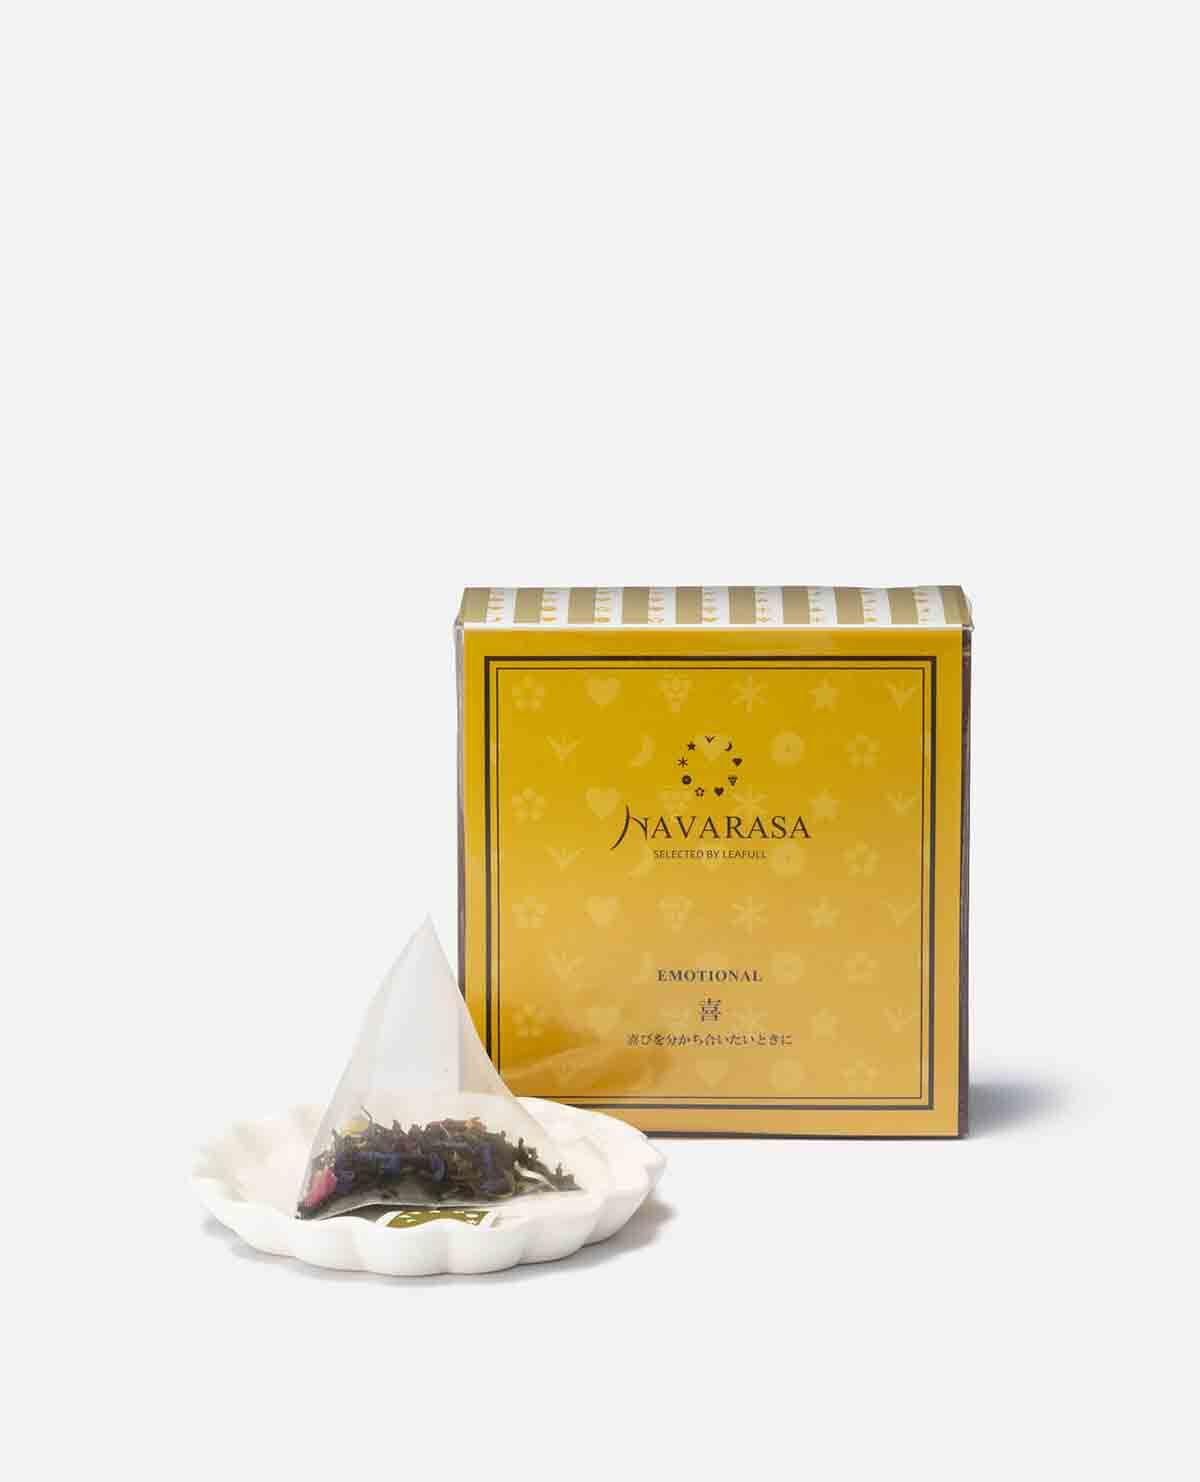 紅茶 エモーショナル 喜(個包装ピトレティーバッグ)